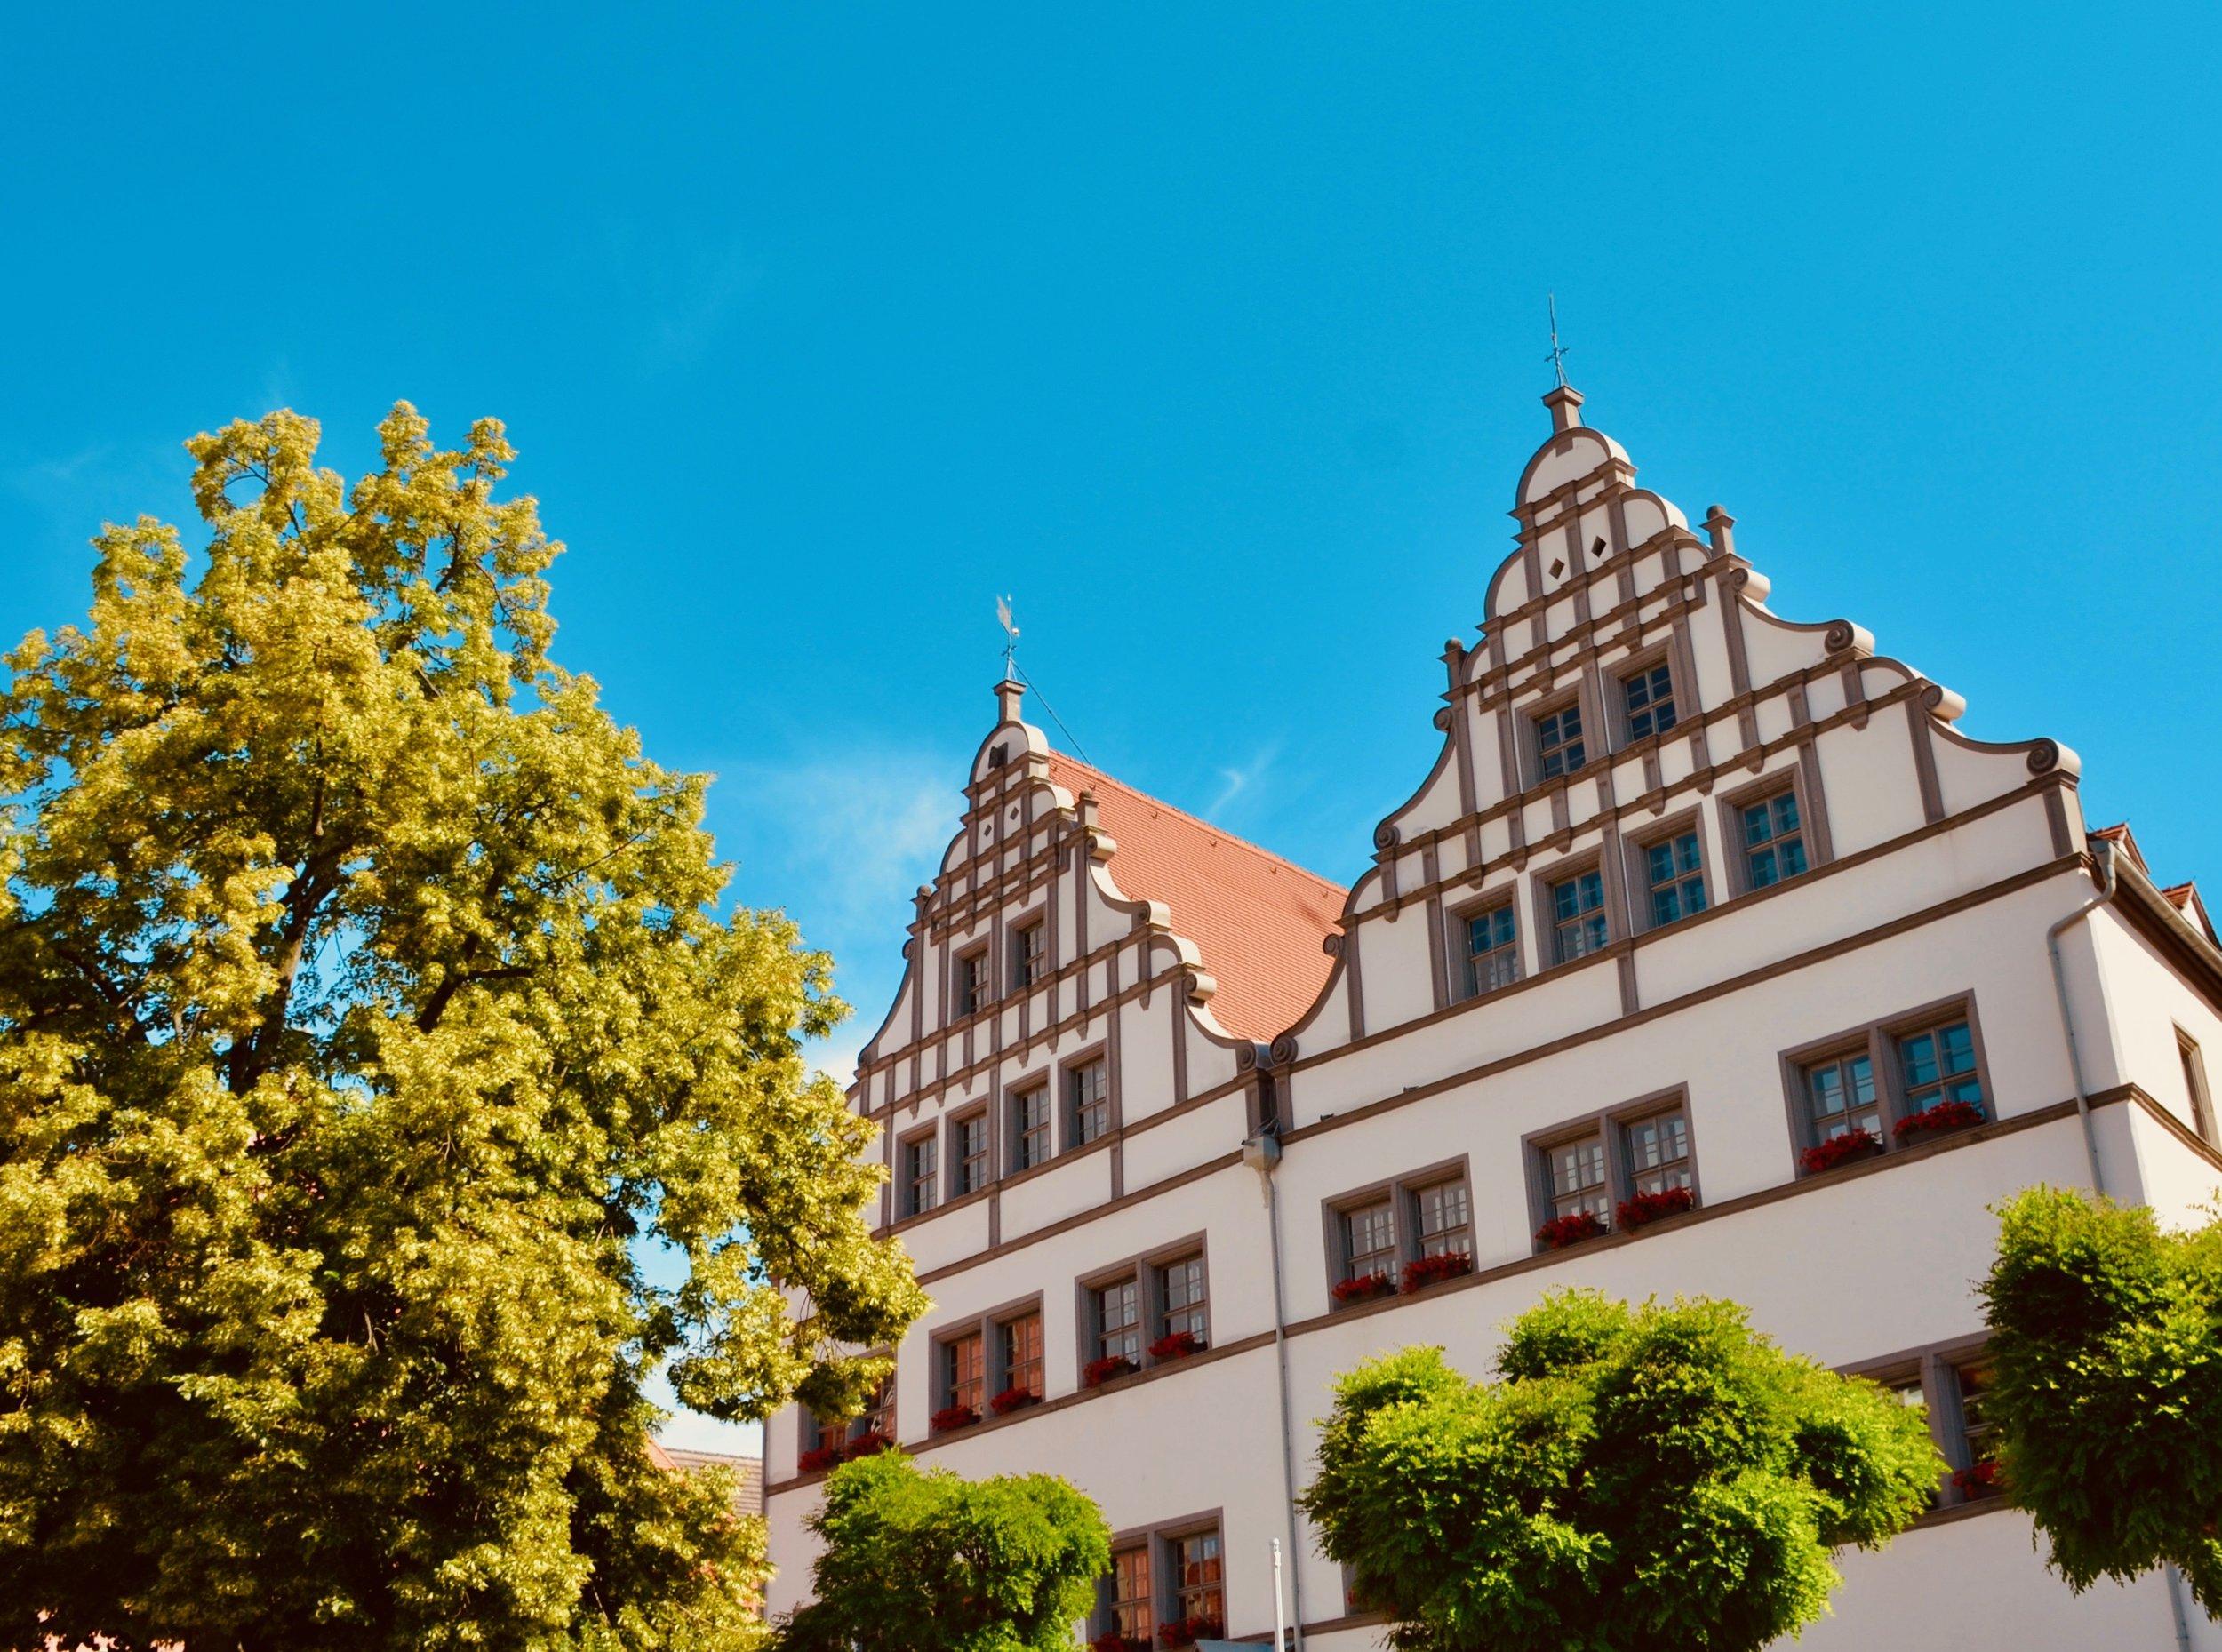 Naumburg, Germany.